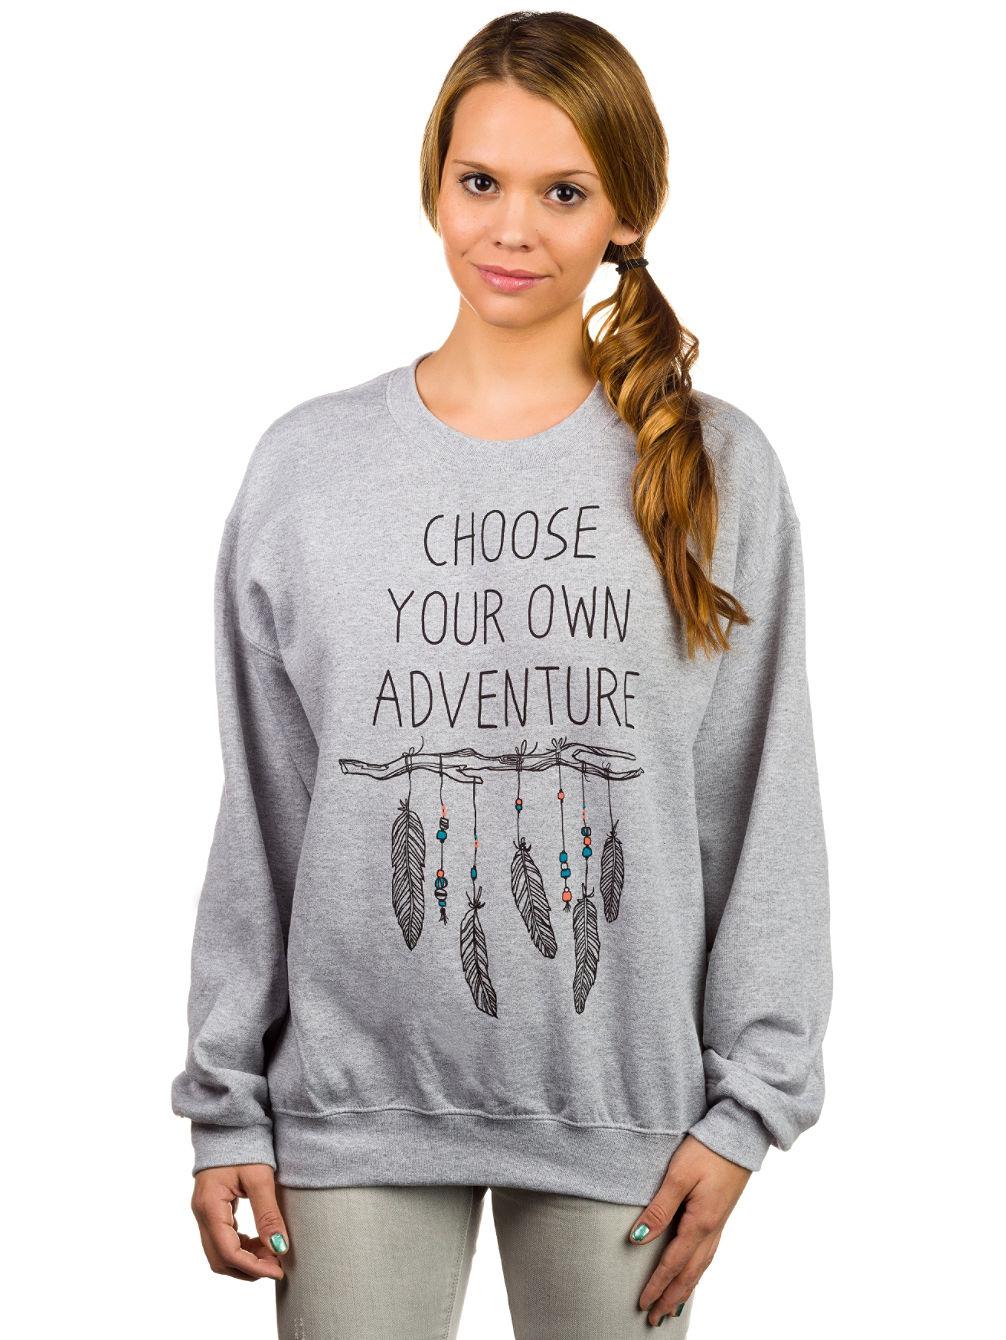 adventure-crew-sweater